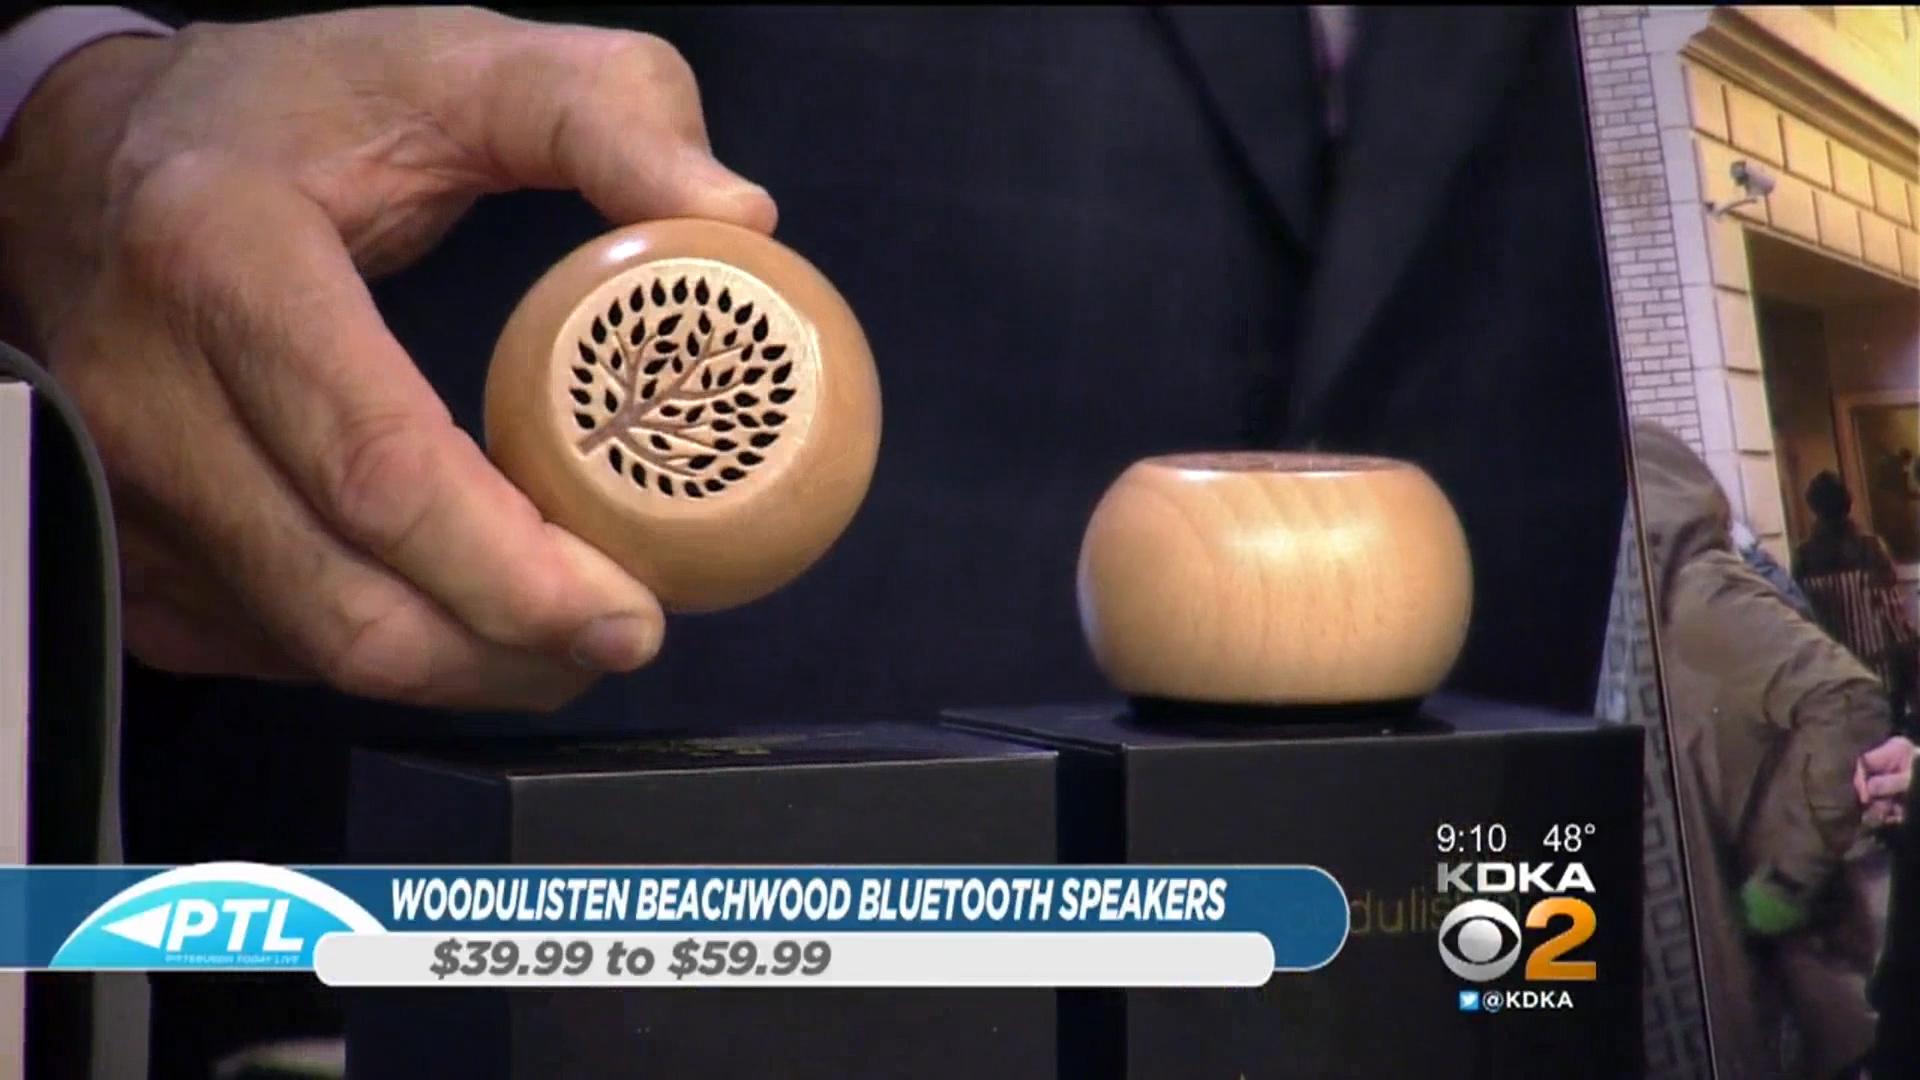 WOODULISTEN BEACHWOOD BLUETOOTH SPEAKERS - $39.99-$59.99Shop Now